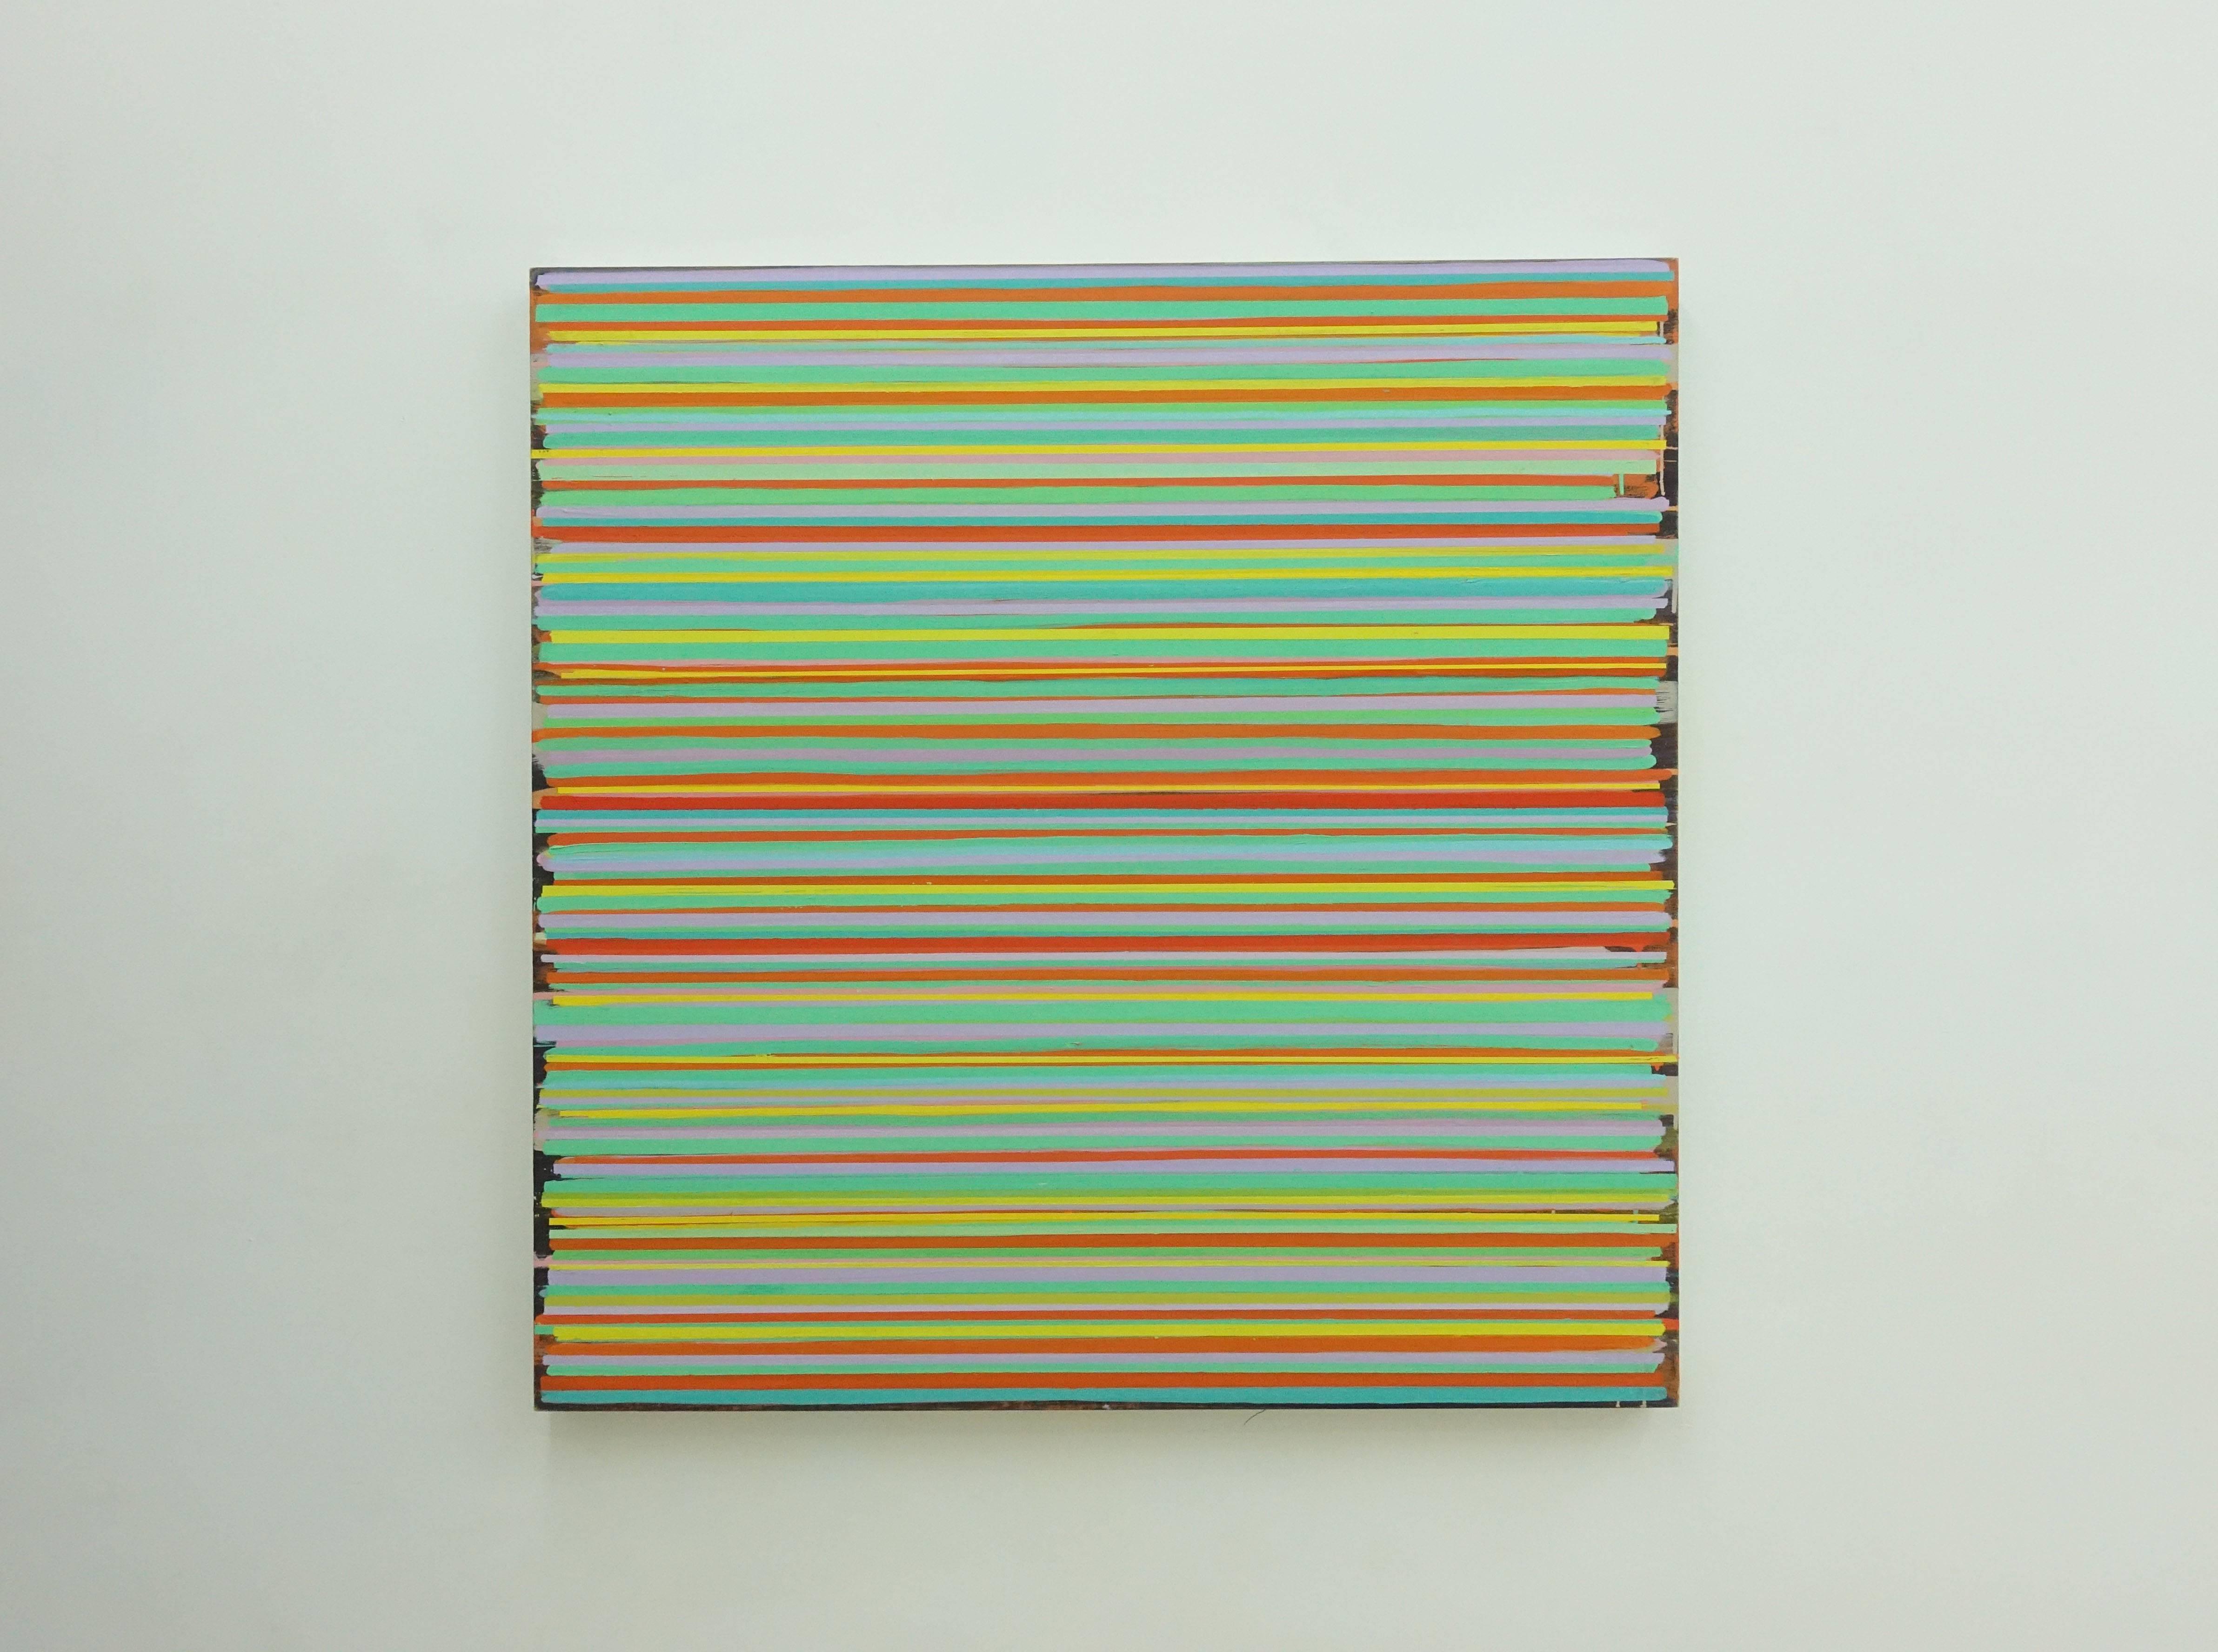 紀嘉華,《時間紀錄者》,107 x 107 cm,油彩 / 亞麻布,2017-2018。